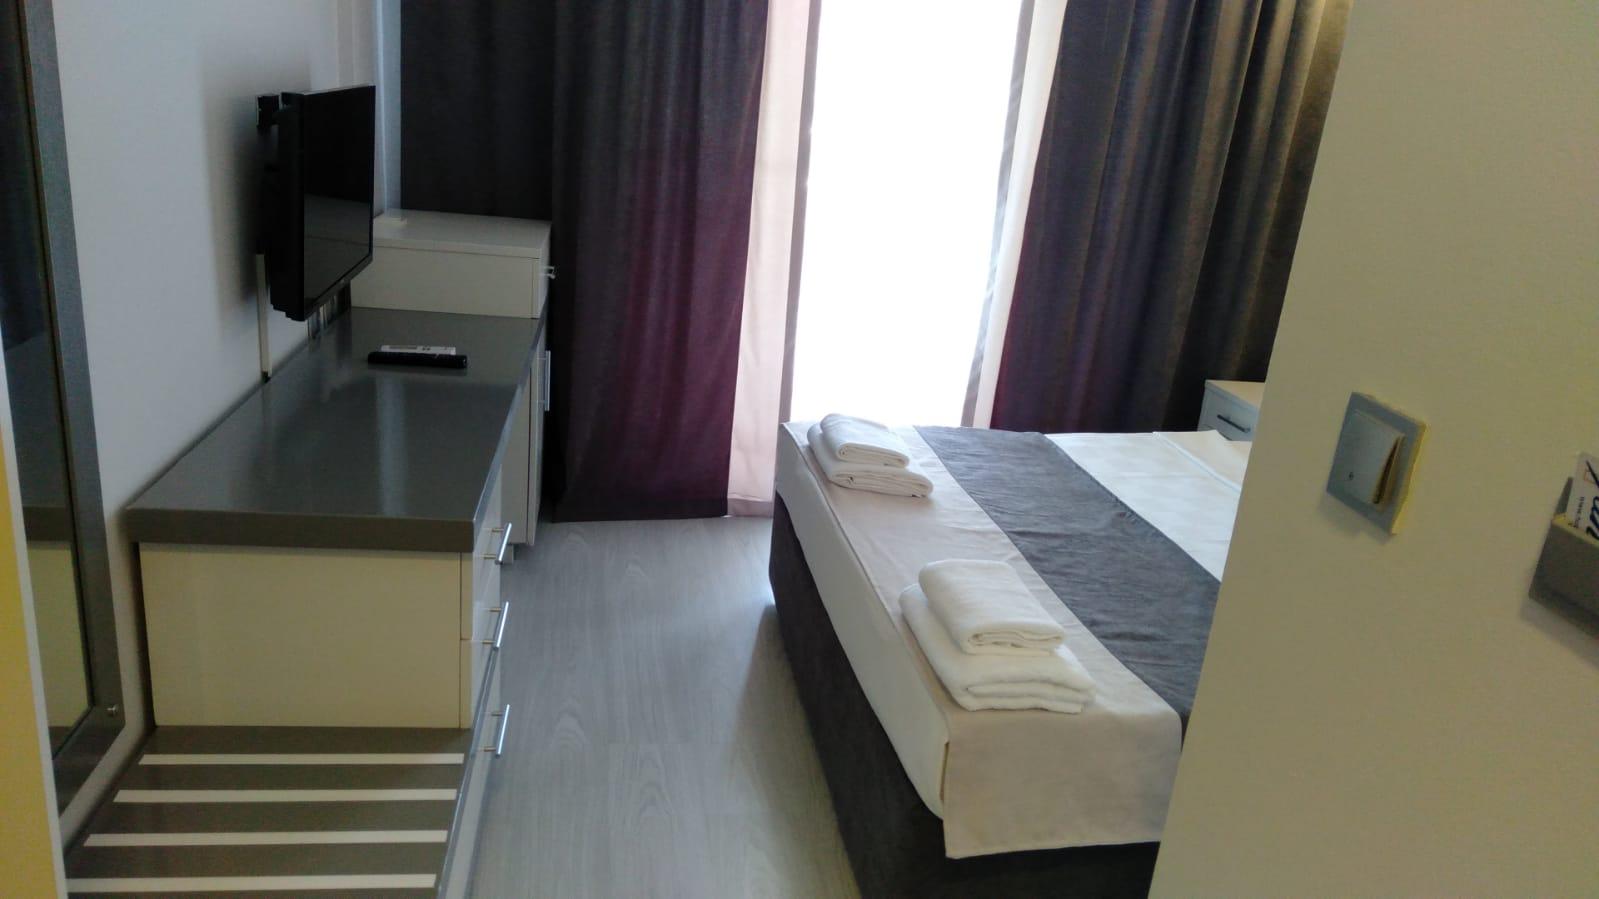 Letovanje Turska  autobusom, Kusadasi, Hotel Roxx Royal ex Santur, dvokrevetna soba